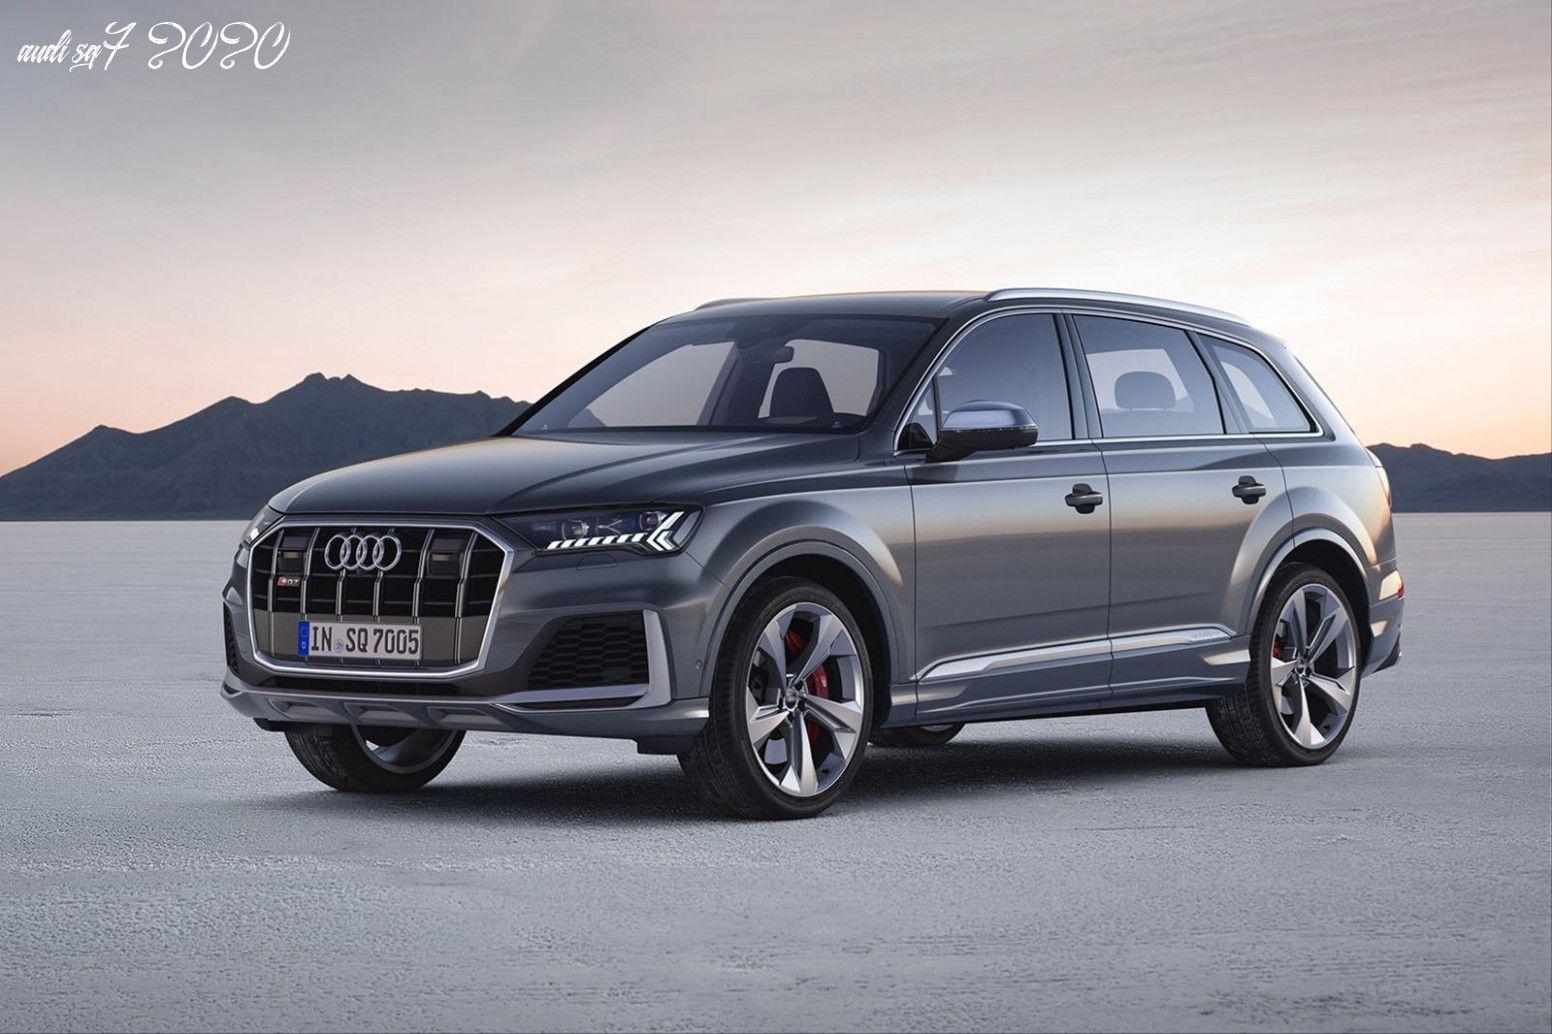 Audi Sq7 2020 In 2020 Audi Audi Rs Car Model